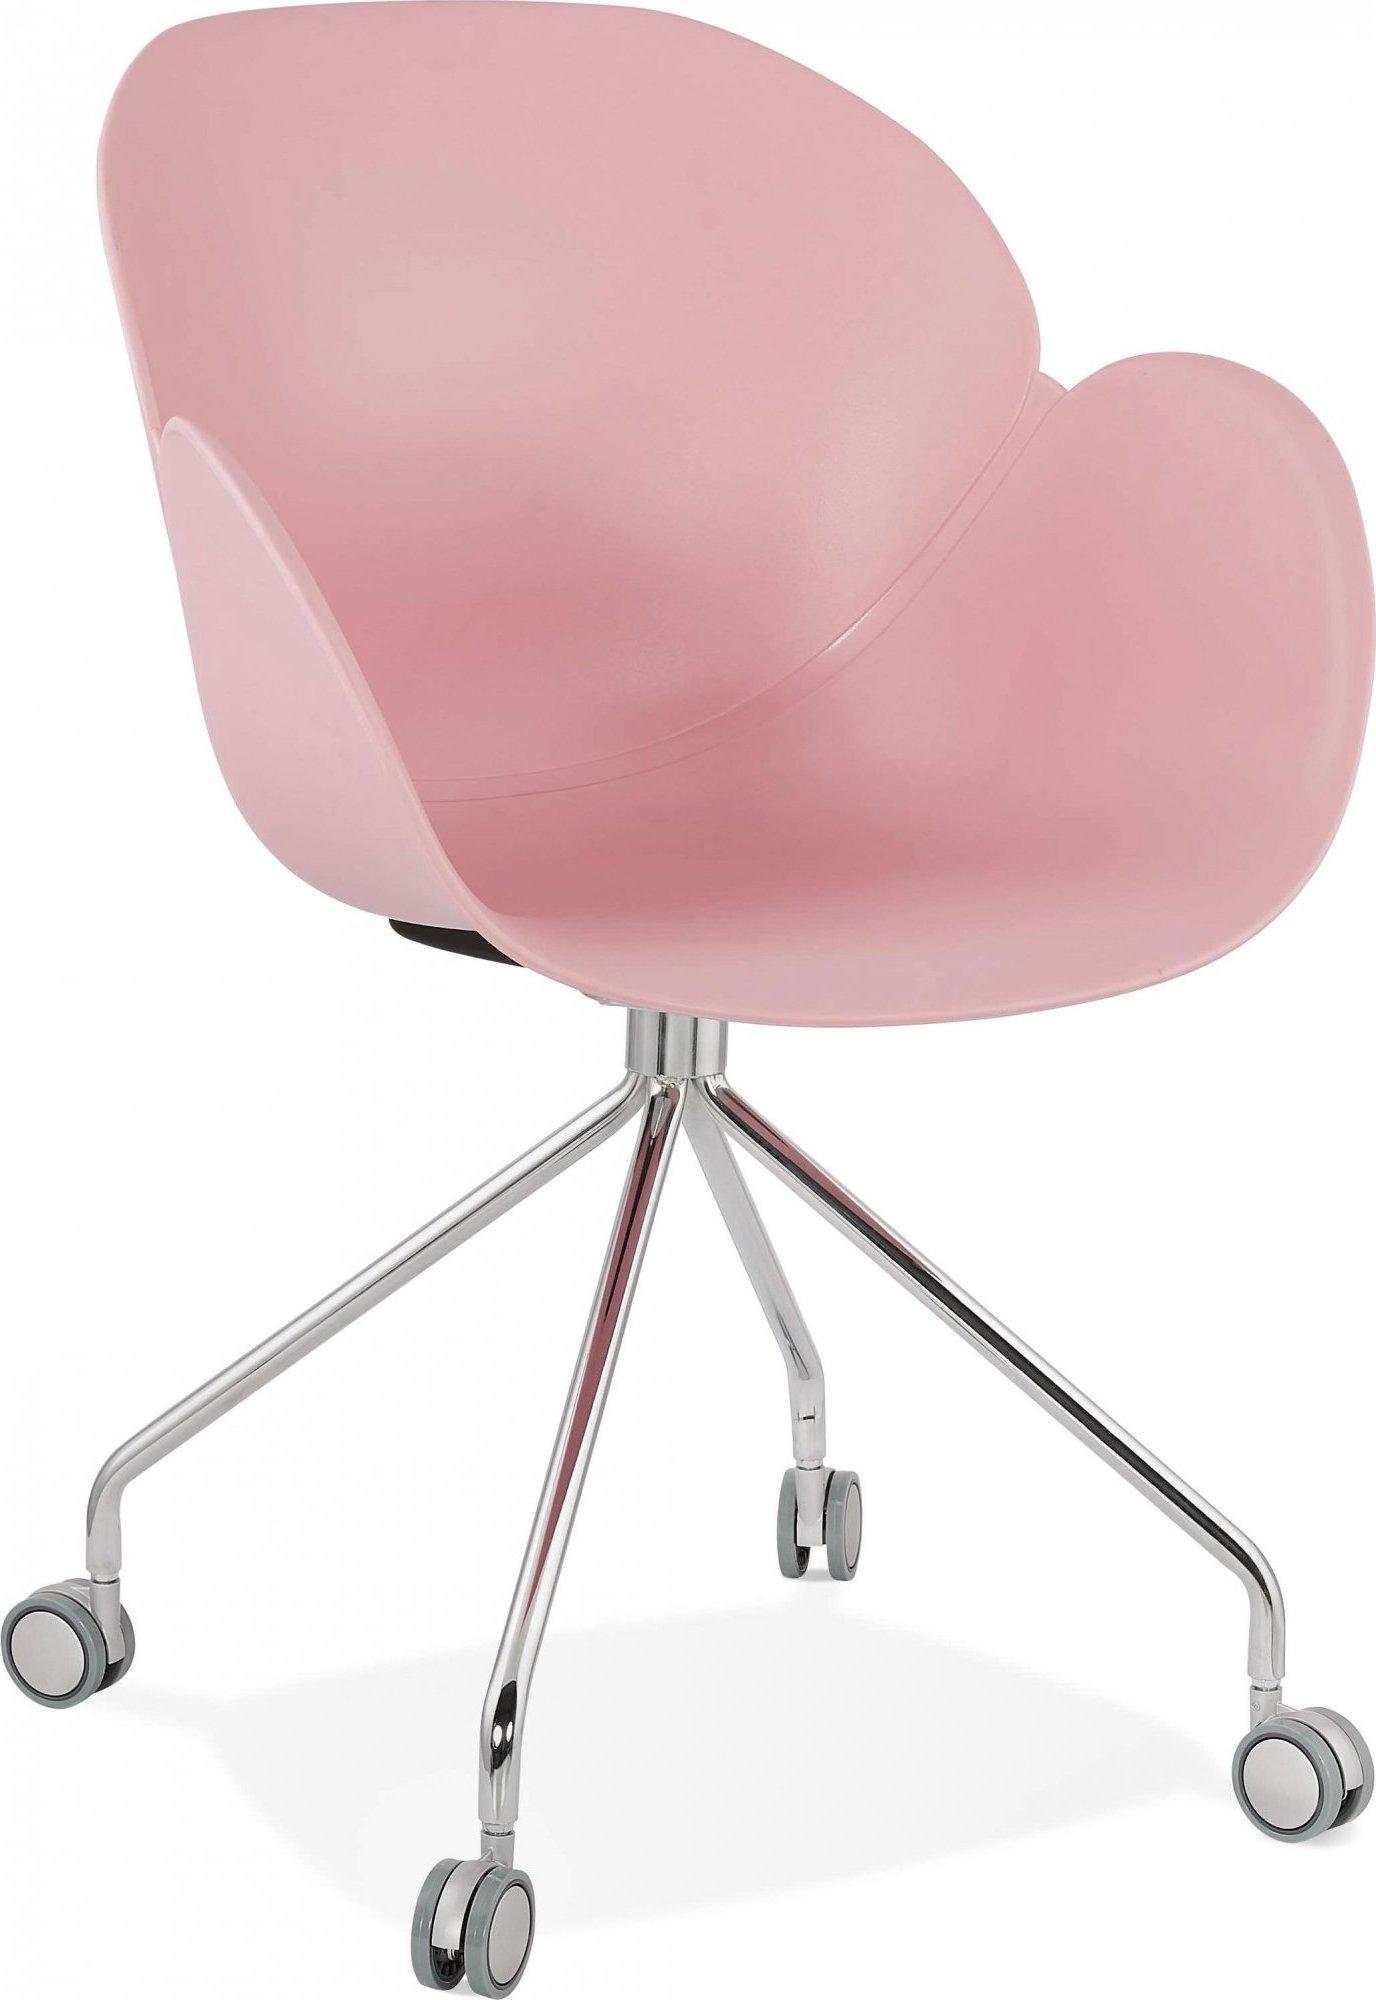 Fauteuil de bureau sur roulettes couleur rose pieds chromé